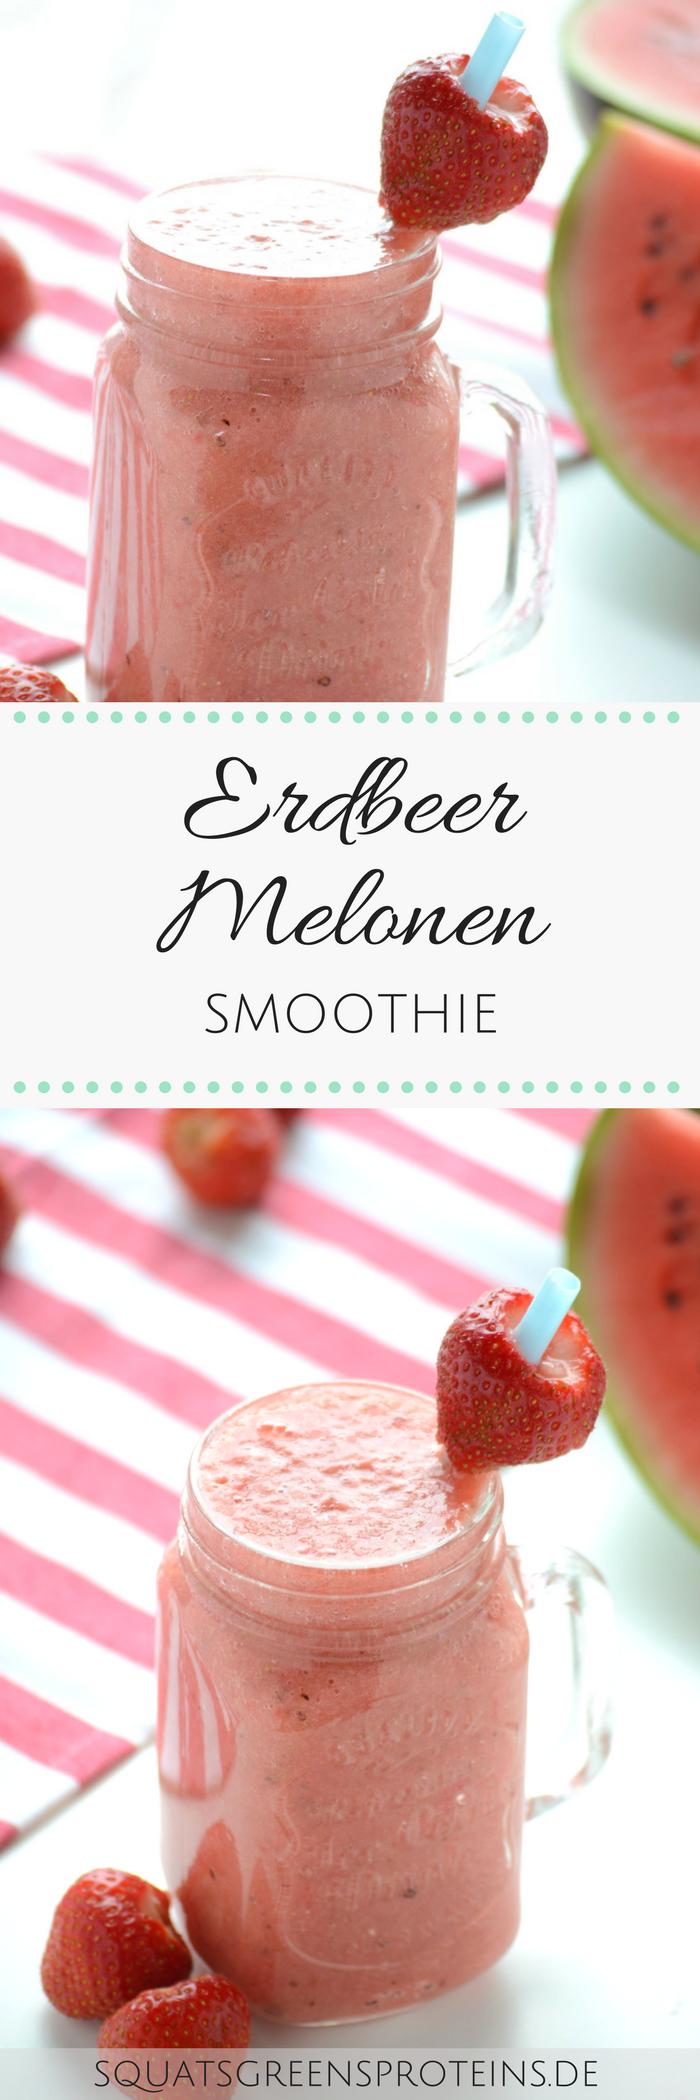 Rezept: Sommerlicher Erdbeer-Melonen-Smoothie - Squats, Greens & Proteins by Melanie Rezept: Sommer